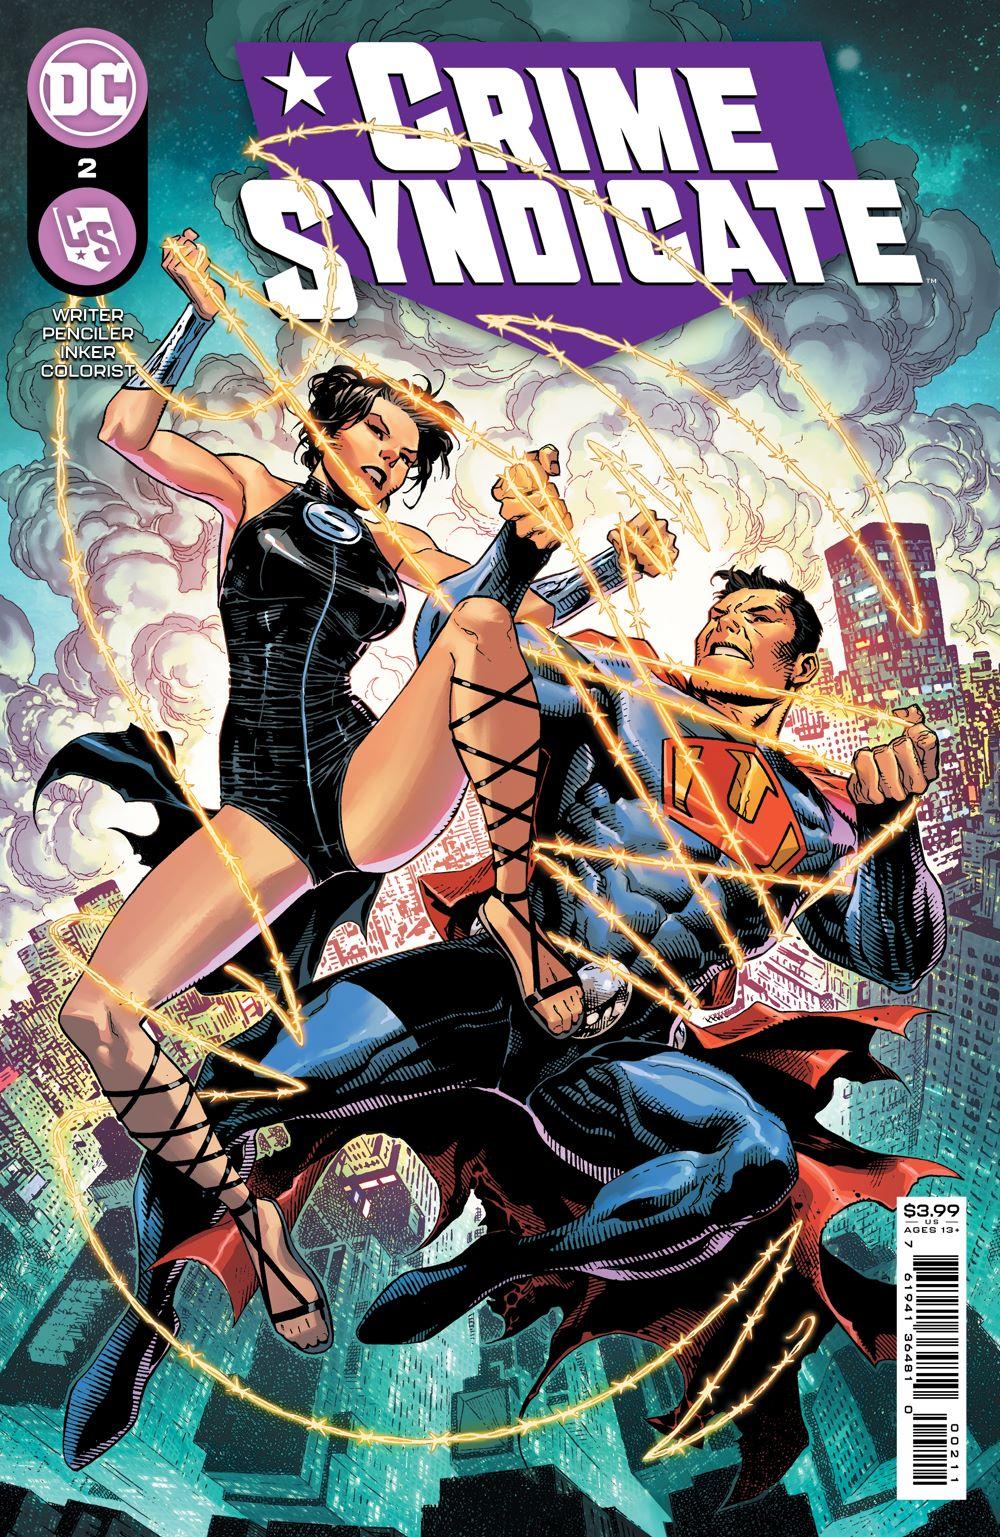 CS_Cv2 DC Comics April 2021 Solicitations